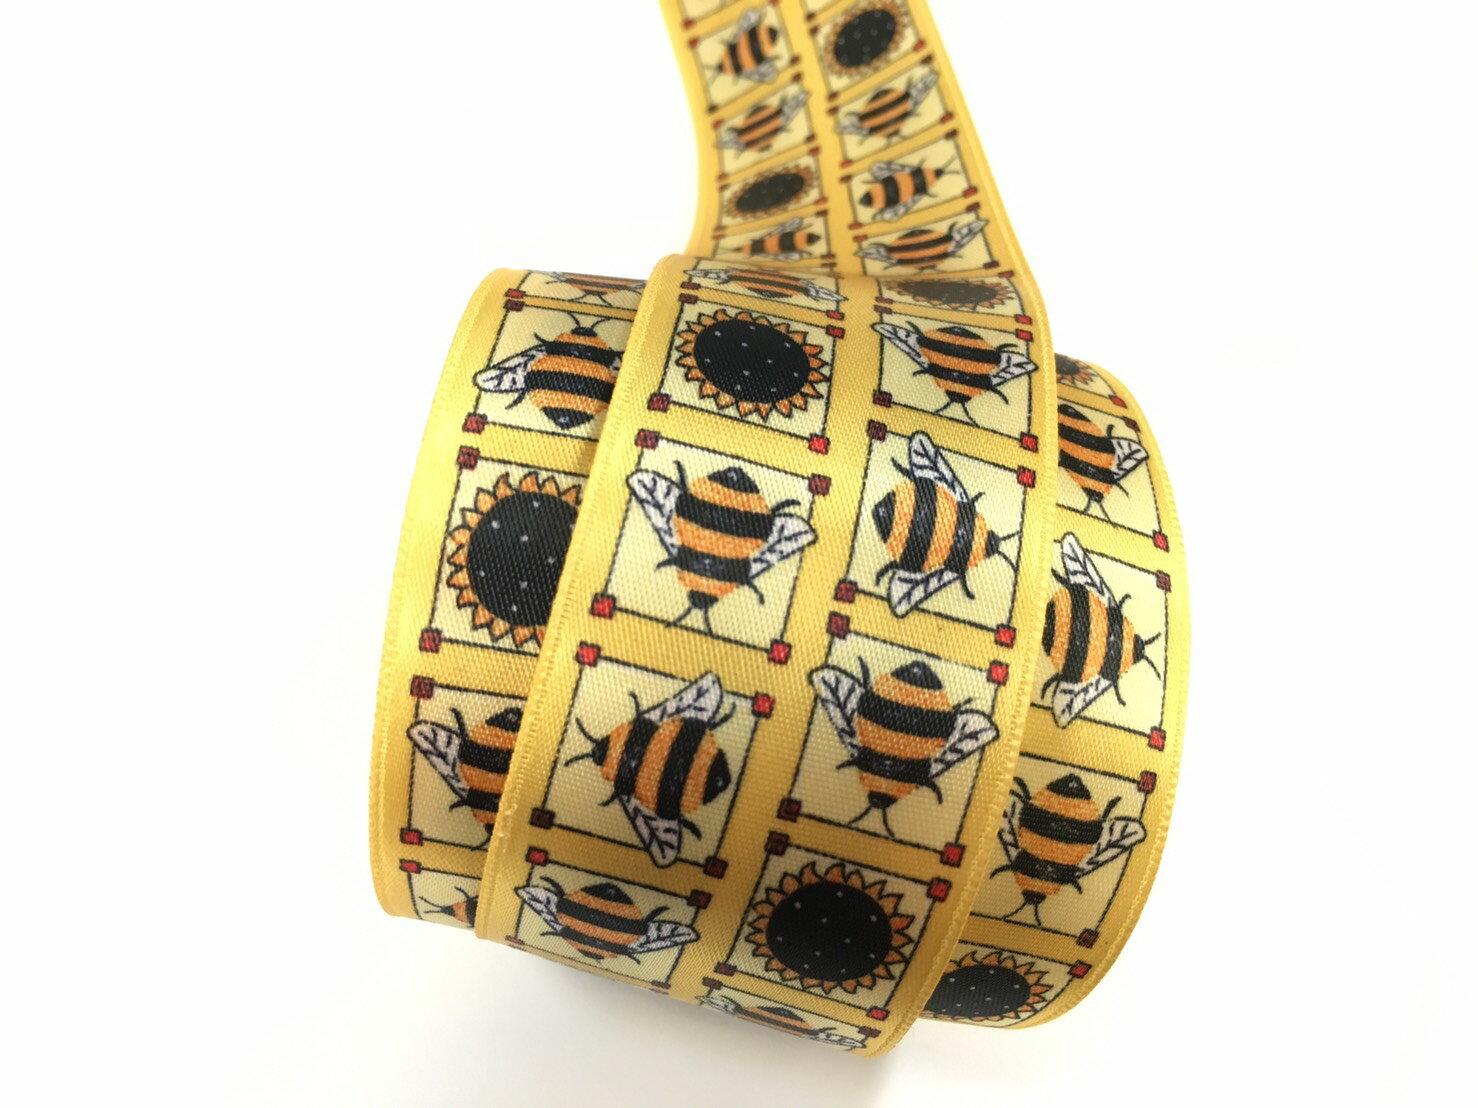 【Crystal Rose緞帶專賣店】蜜蜂向日葵單面緞緞帶 38mm 3碼 - 限時優惠好康折扣